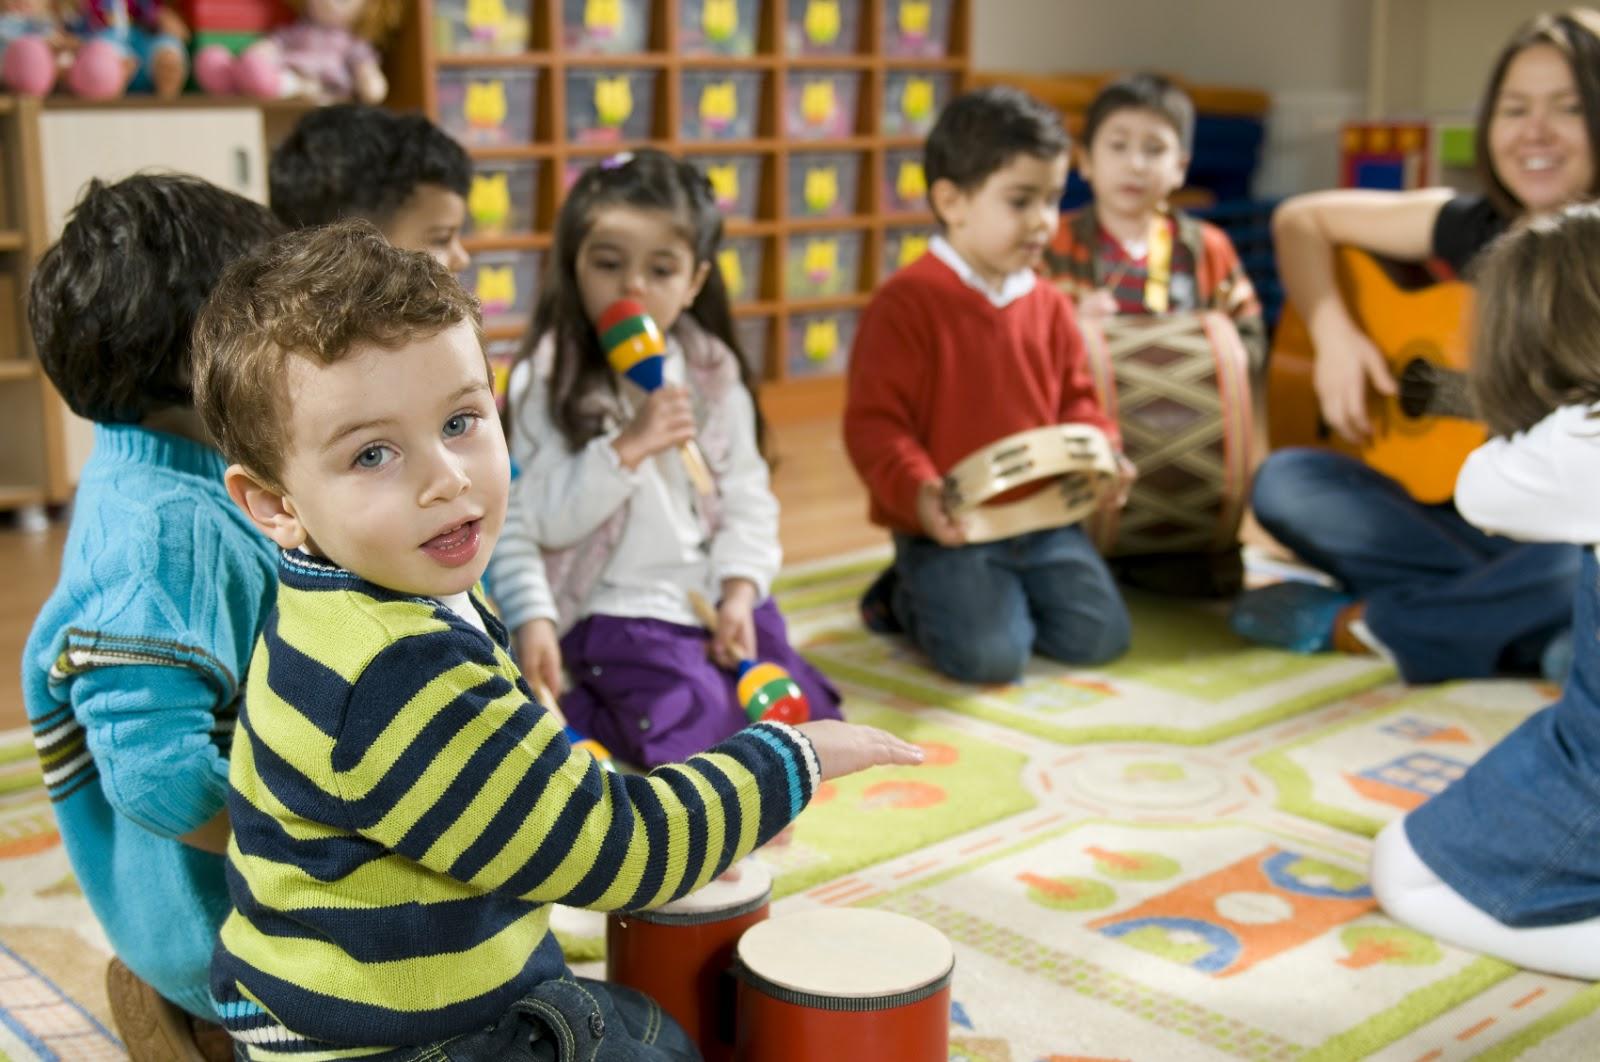 Voorkeur Vaak Muziek Maken Met Peuters @VS47 – Aboriginaltourismontario @AW17